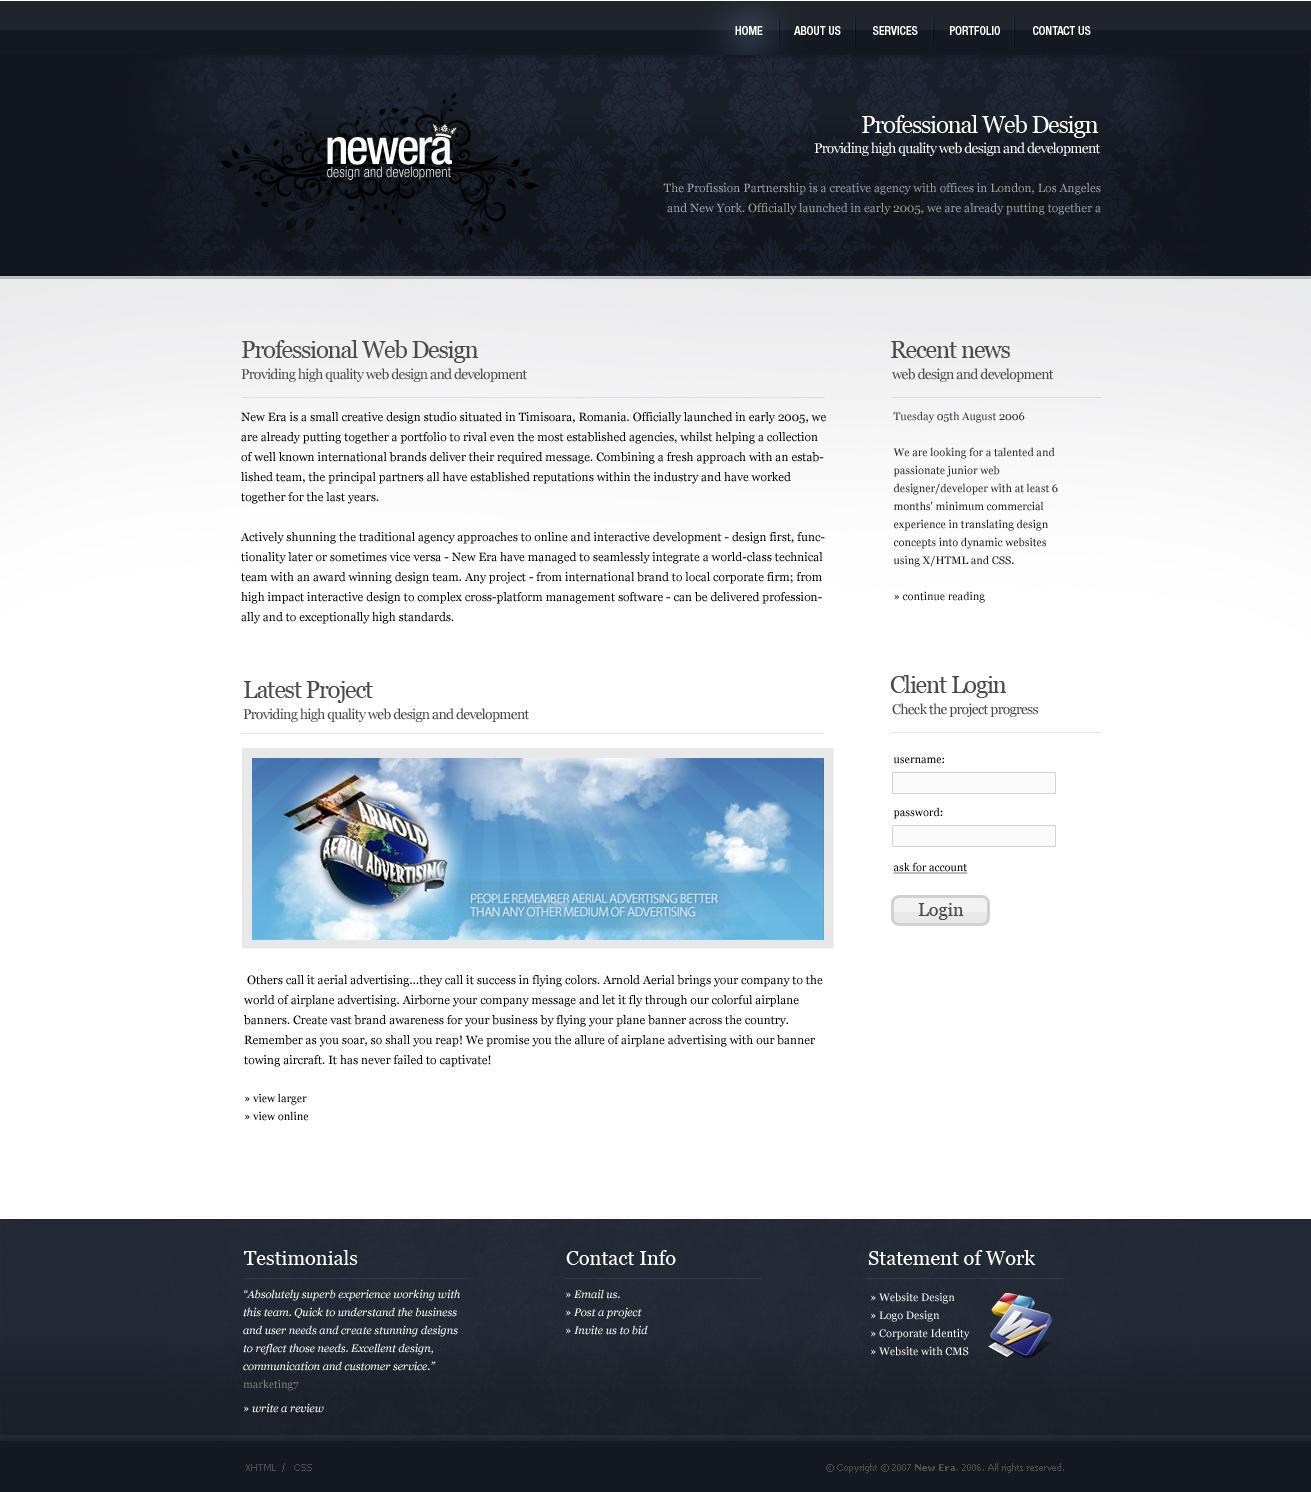 newera design studio site by neweradesign